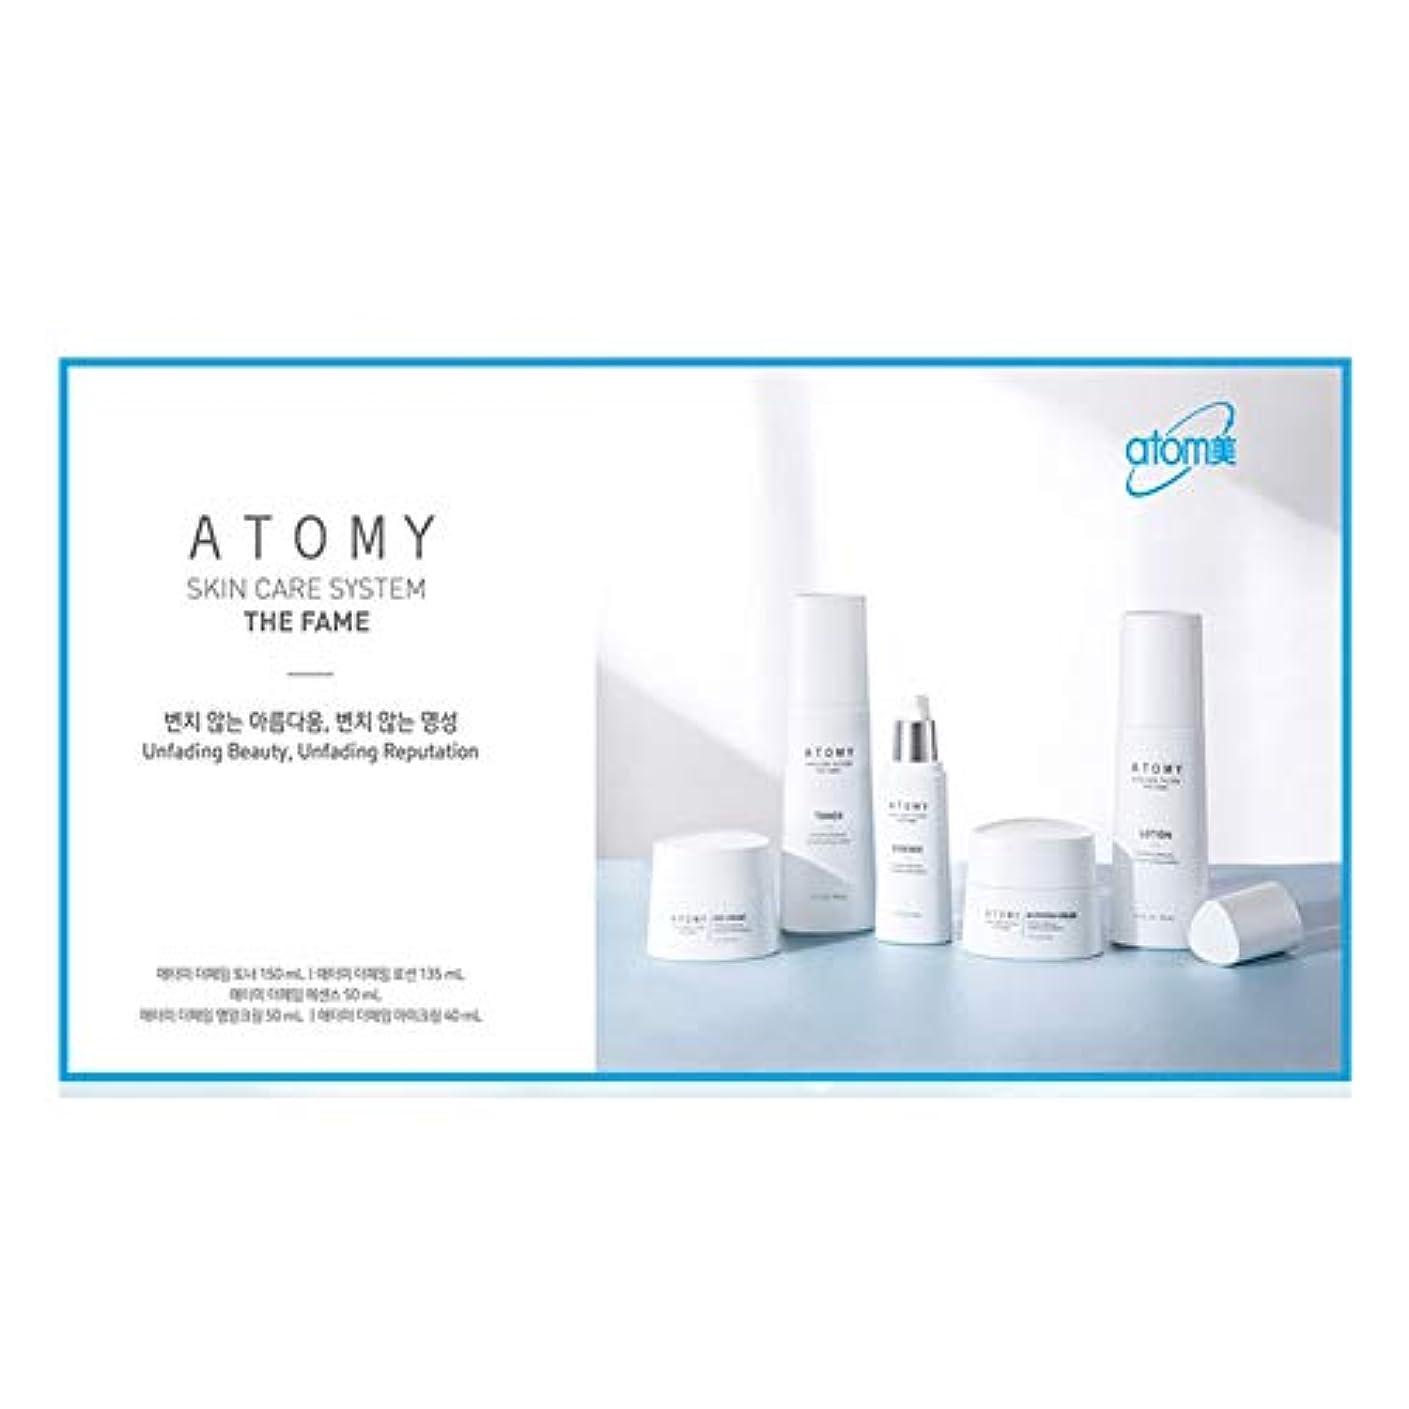 分類検体公式アトミザ?フェームエッセンス50ml韓国コスメ、Atomy The Fame Essence 50ml Korean Cosmetics [並行輸入品]